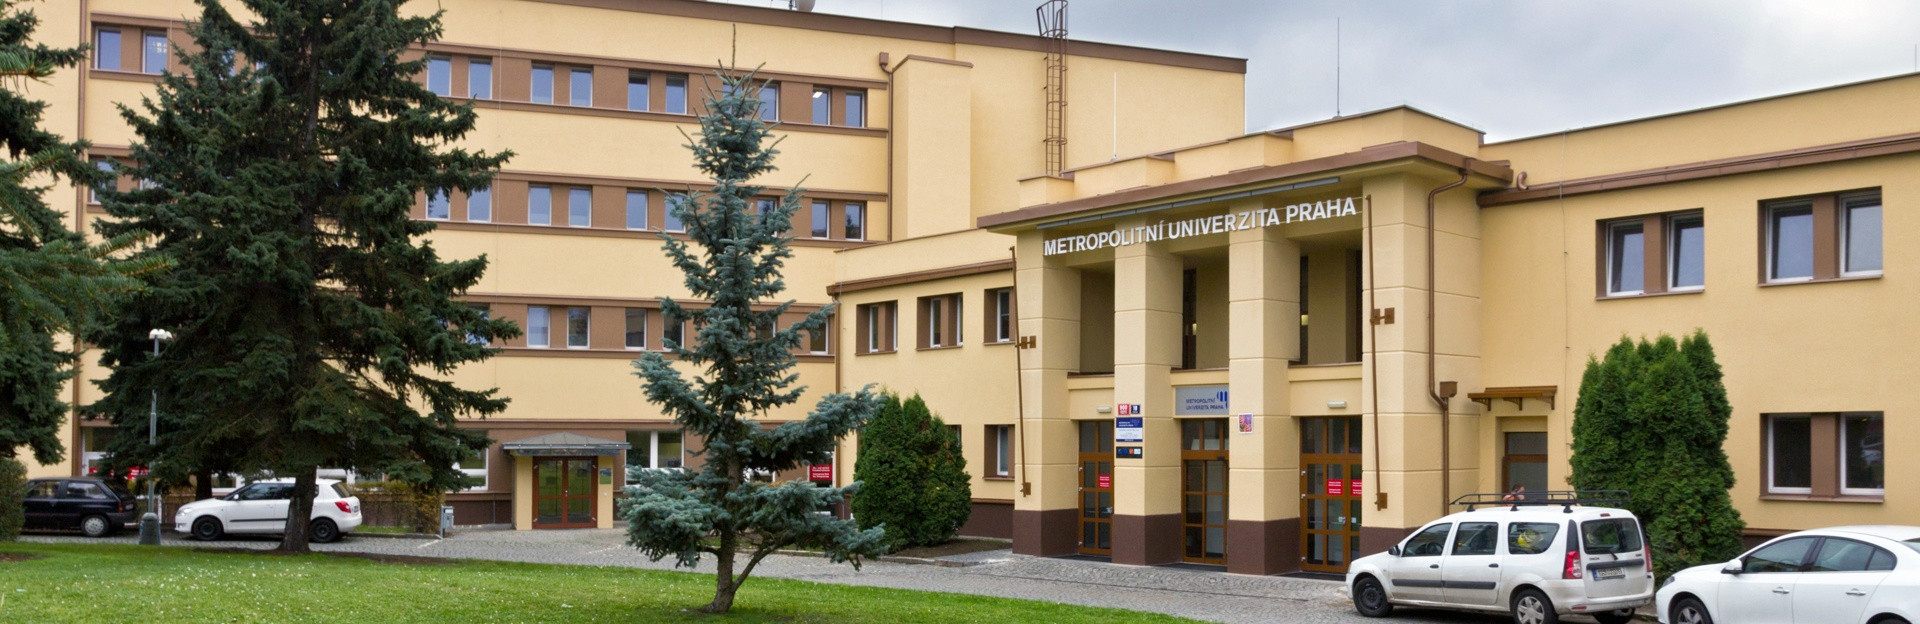 Metropolitní univerzita Praha, o.p.s. (MUP)